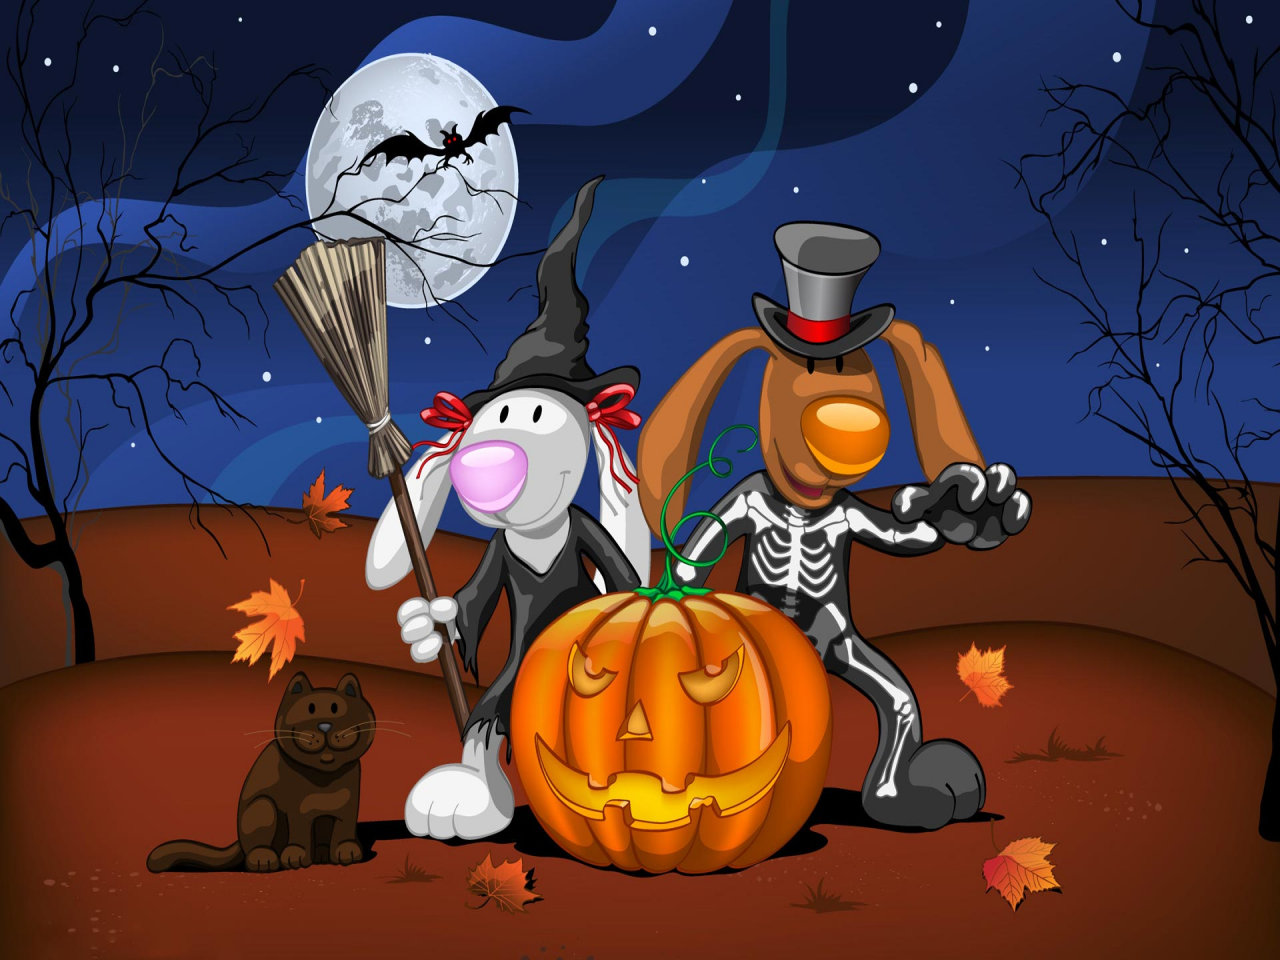 Disney Halloween Hd Wallpaper Widescreen - Animated Halloween Wallpapers Hd - HD Wallpaper